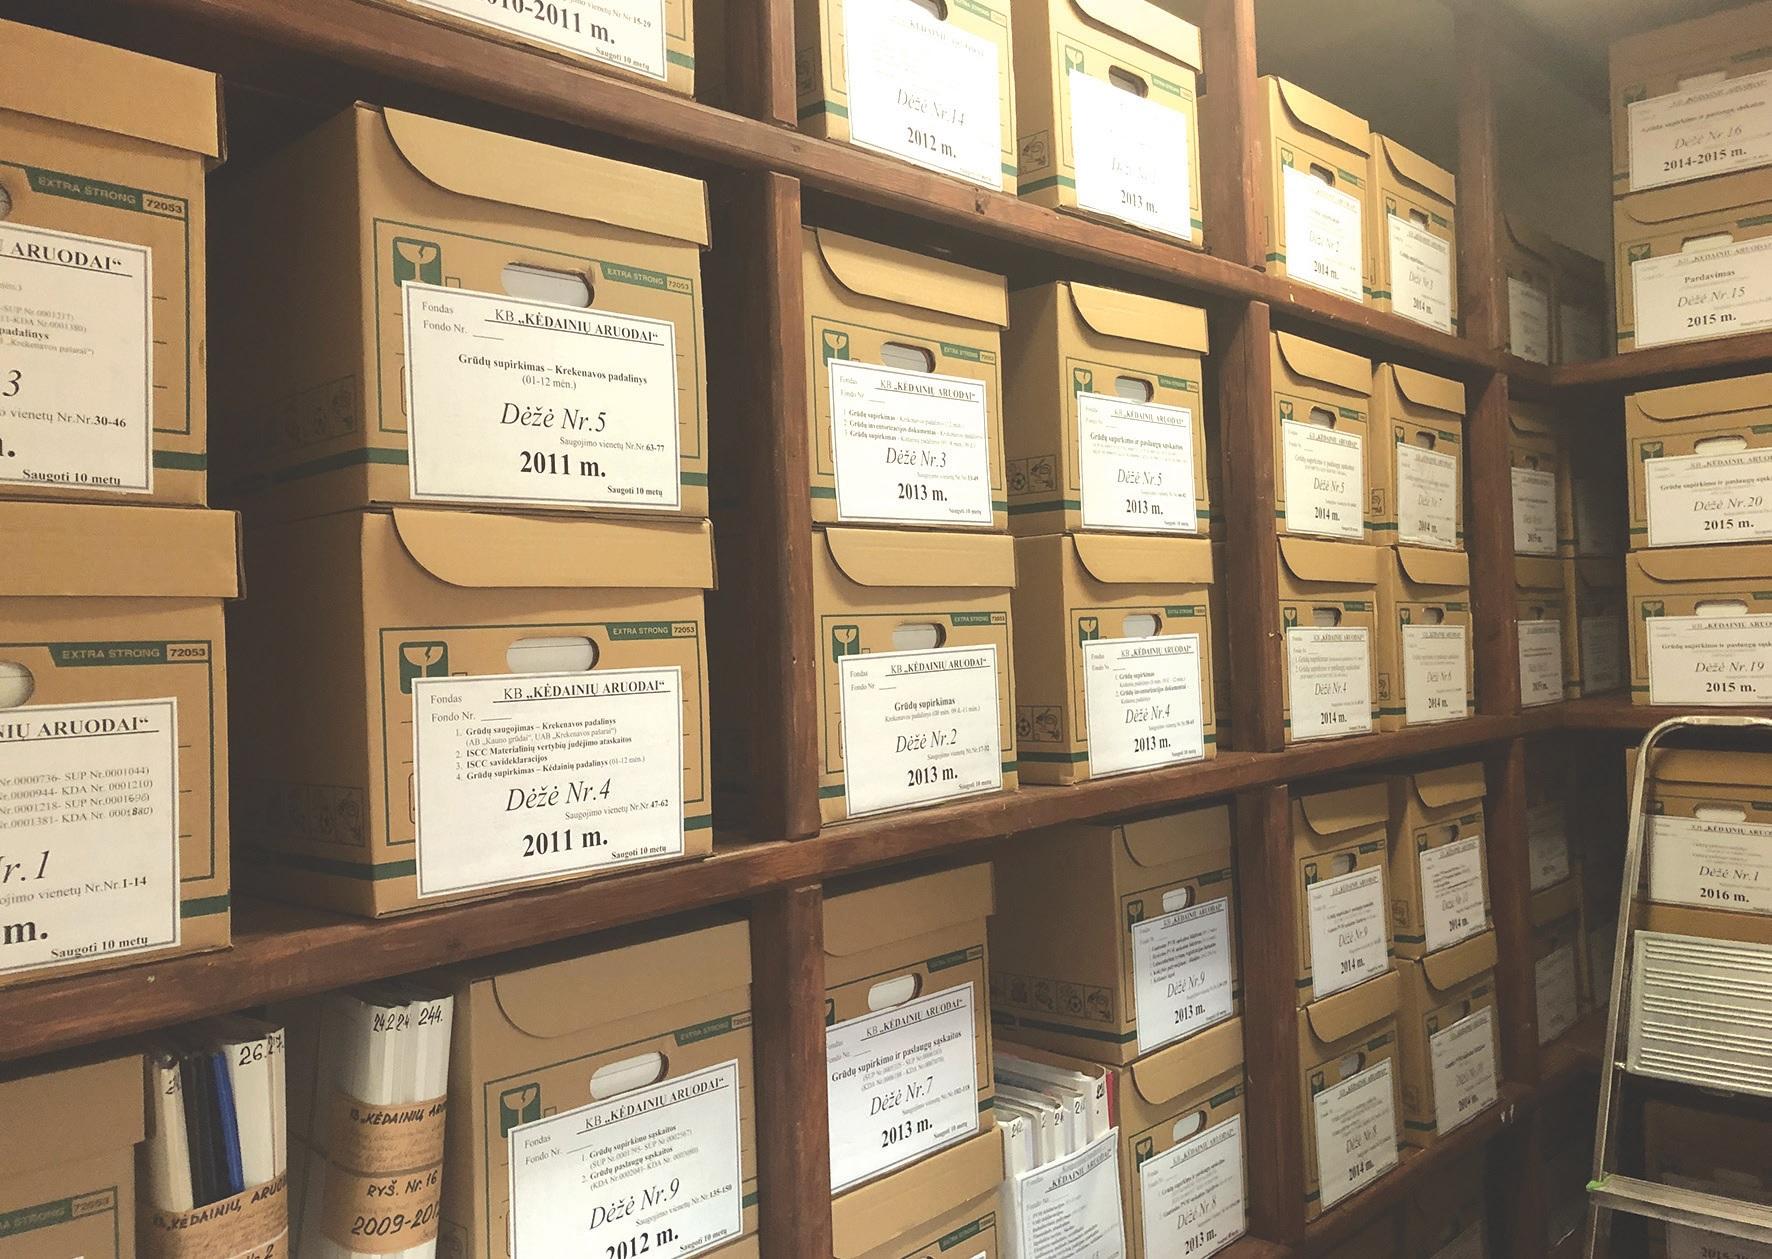 """Vadovaujantis Bendrųjų dokumentų saugojimo terminų rodykle ir Nevalstybinių organizacijų ir privačių juridinių asmenų dokumentų rengimo, tvarkymo ir apskaitos taisyklėmis """"Vikonda grupės"""" įmonėse yra kaupiami ir saugomi dviejų tipų dokumentai: ilgai ir trumpai saugomi./Džestinos Borodinaitės nuotr."""